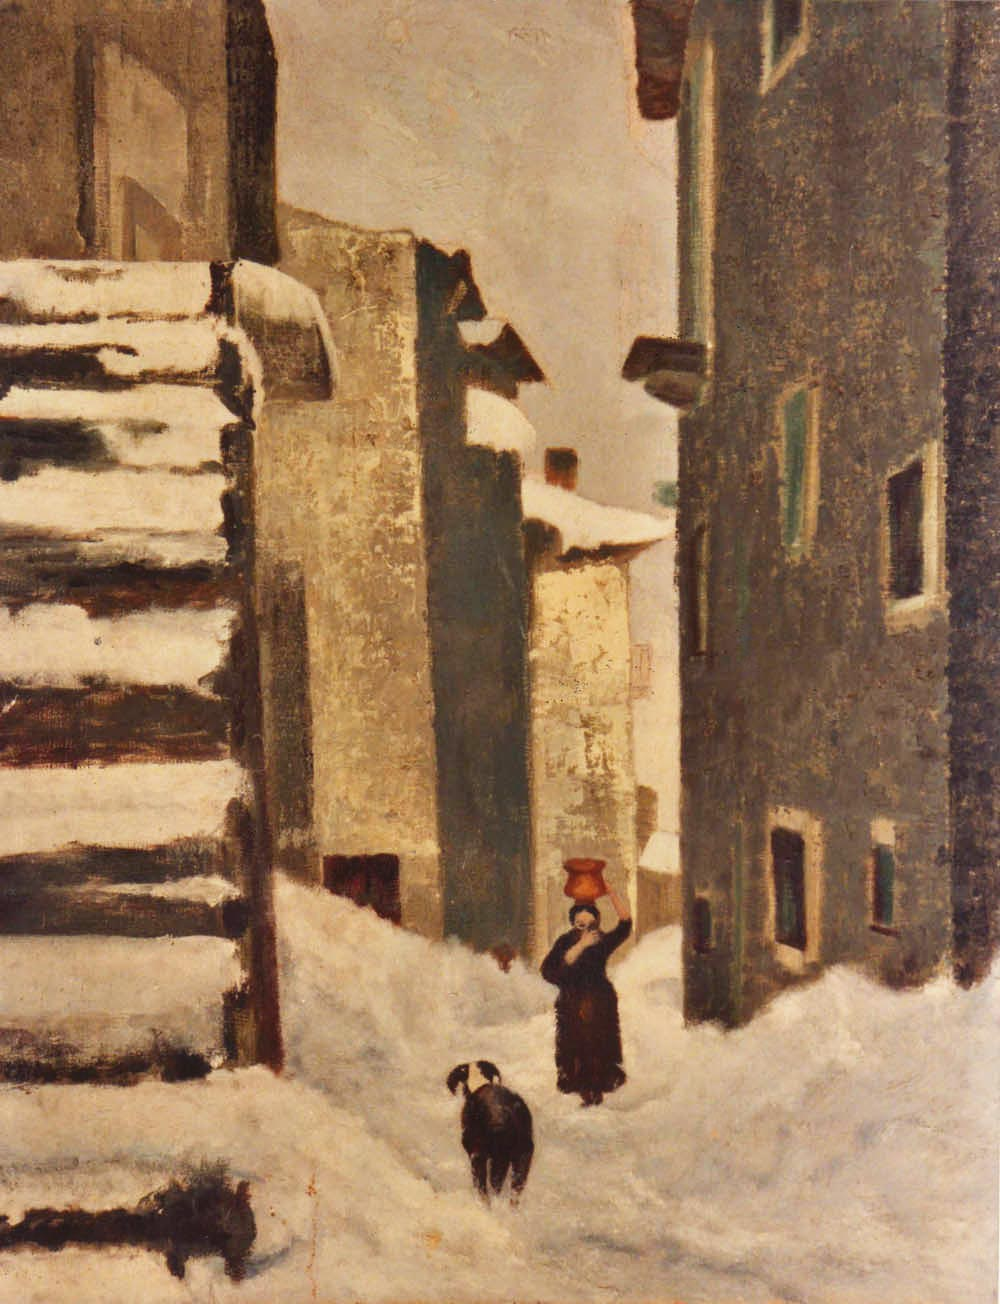 quadri paesaggi abruzzo strada innevata olio su tela Sabbatino